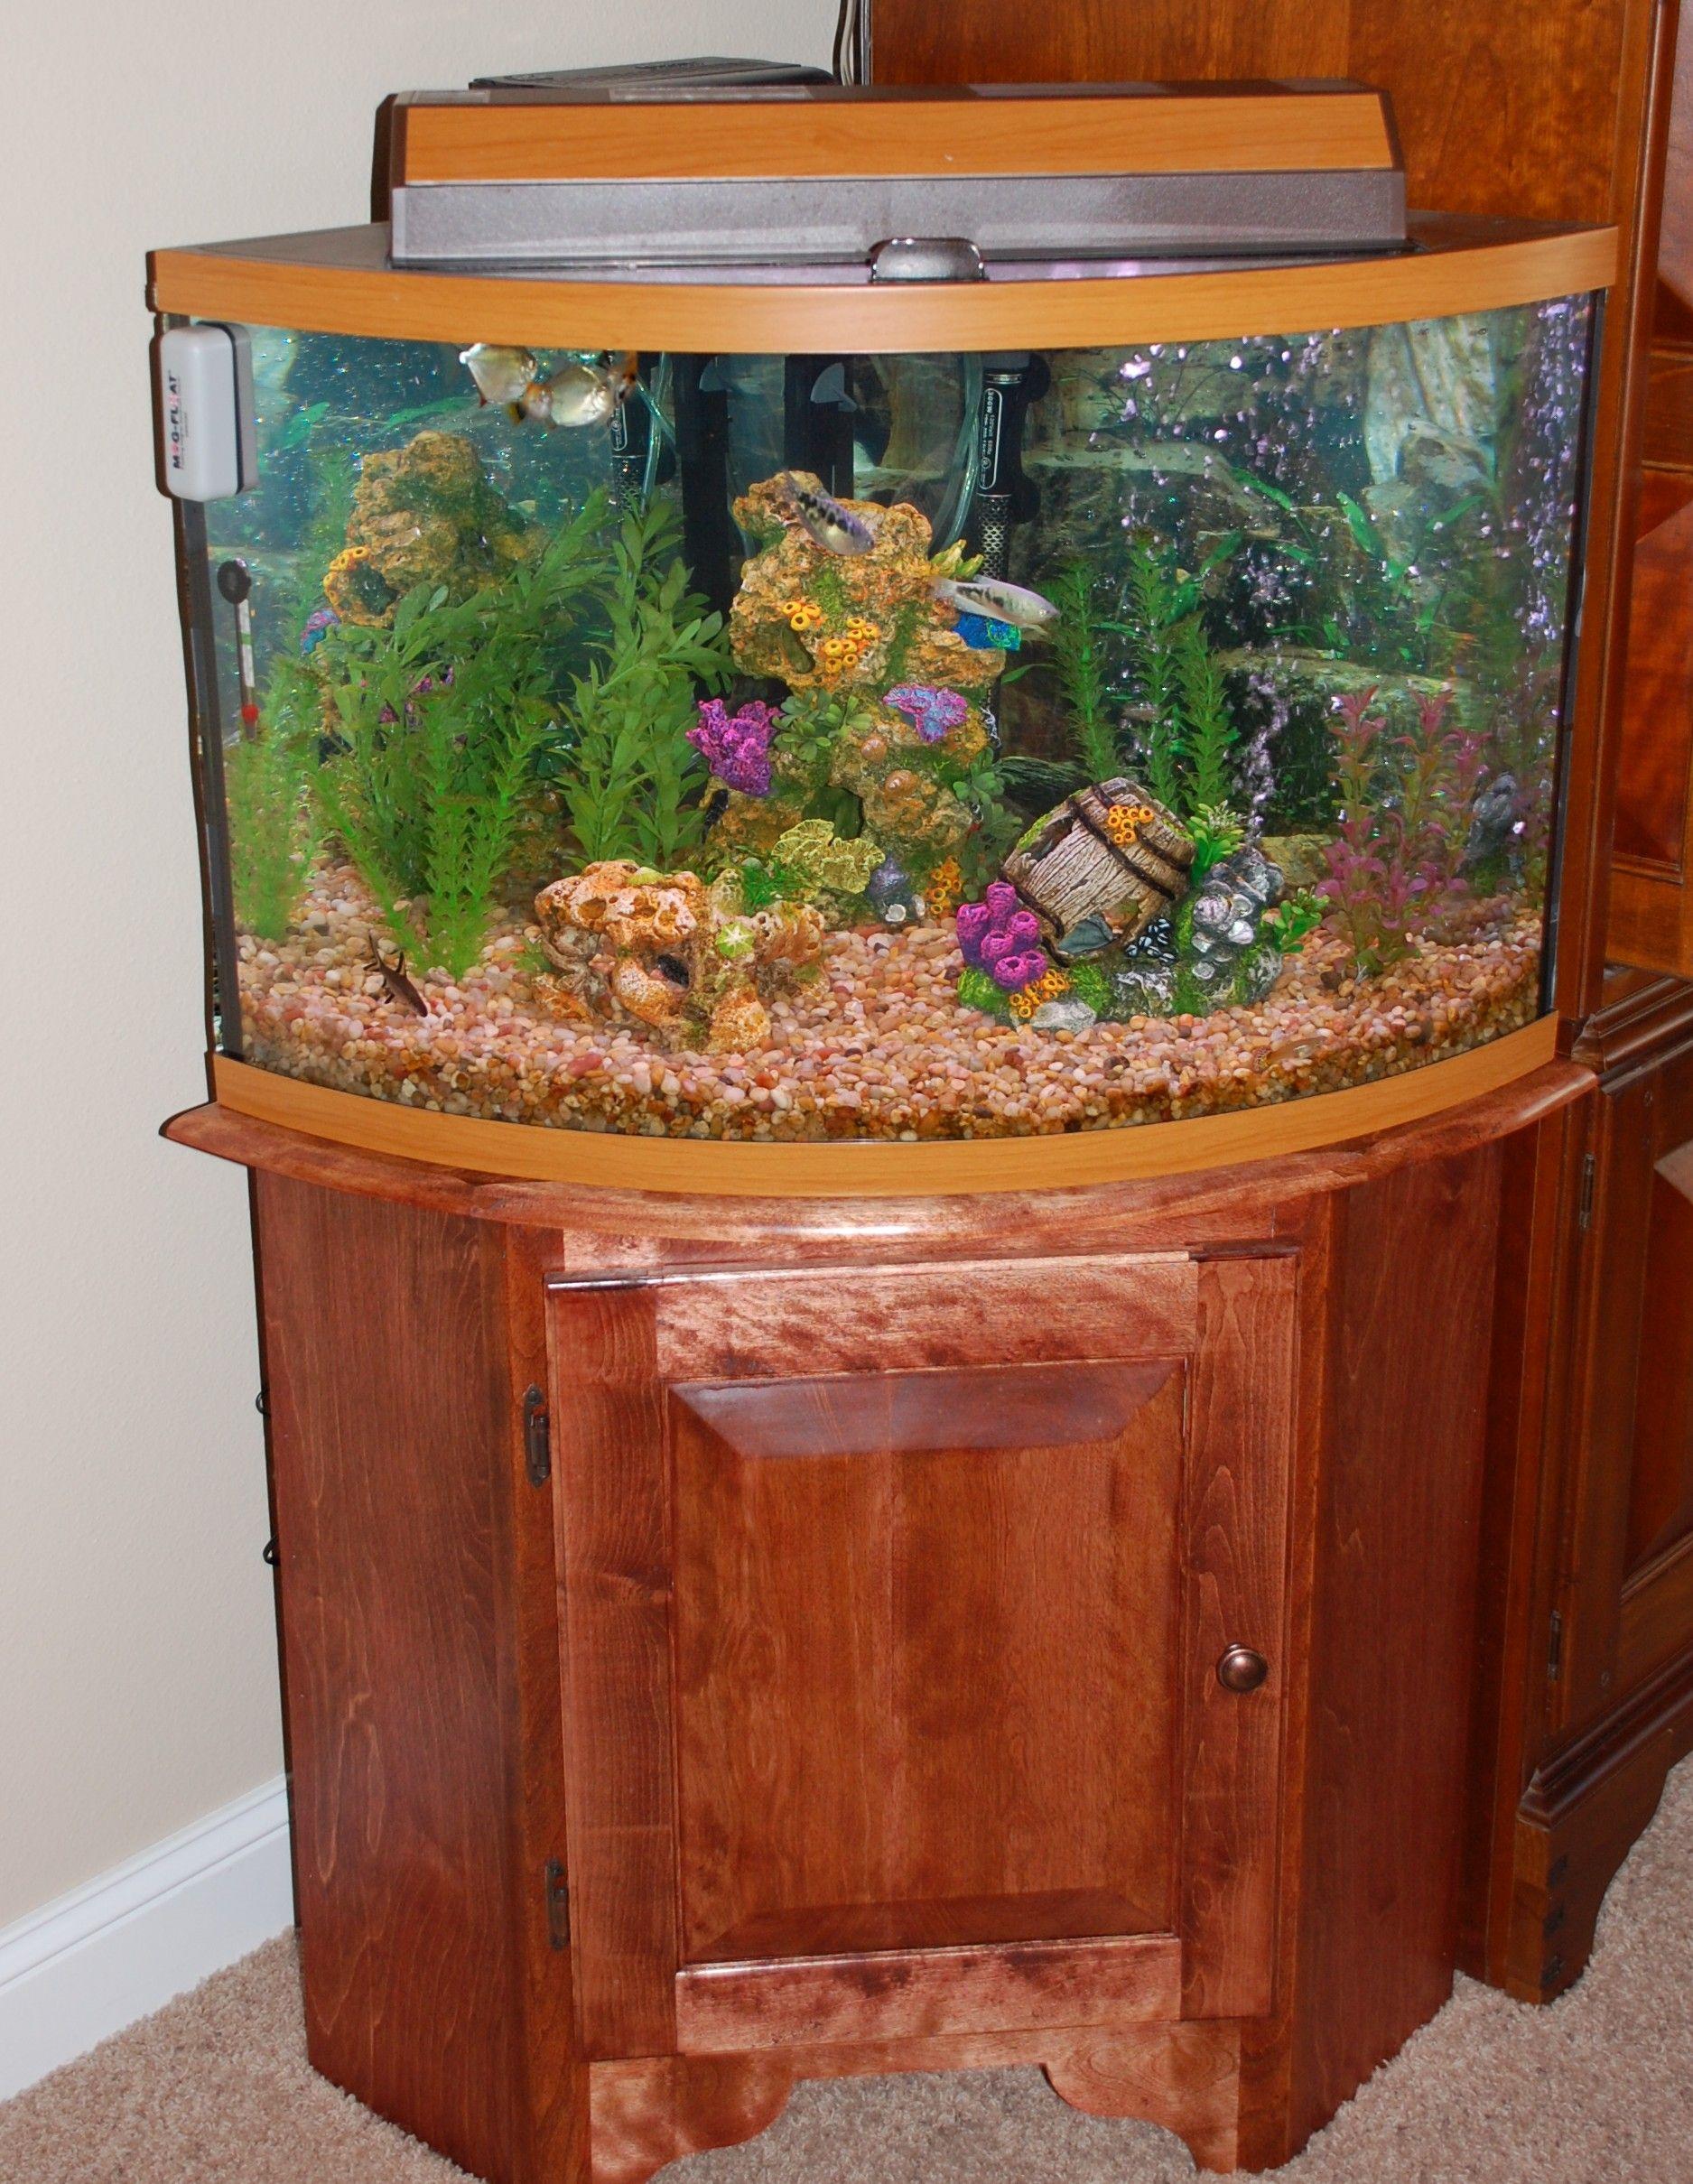 Freshwater aquarium fish jacksonville fl - Corner Aquarium Stand